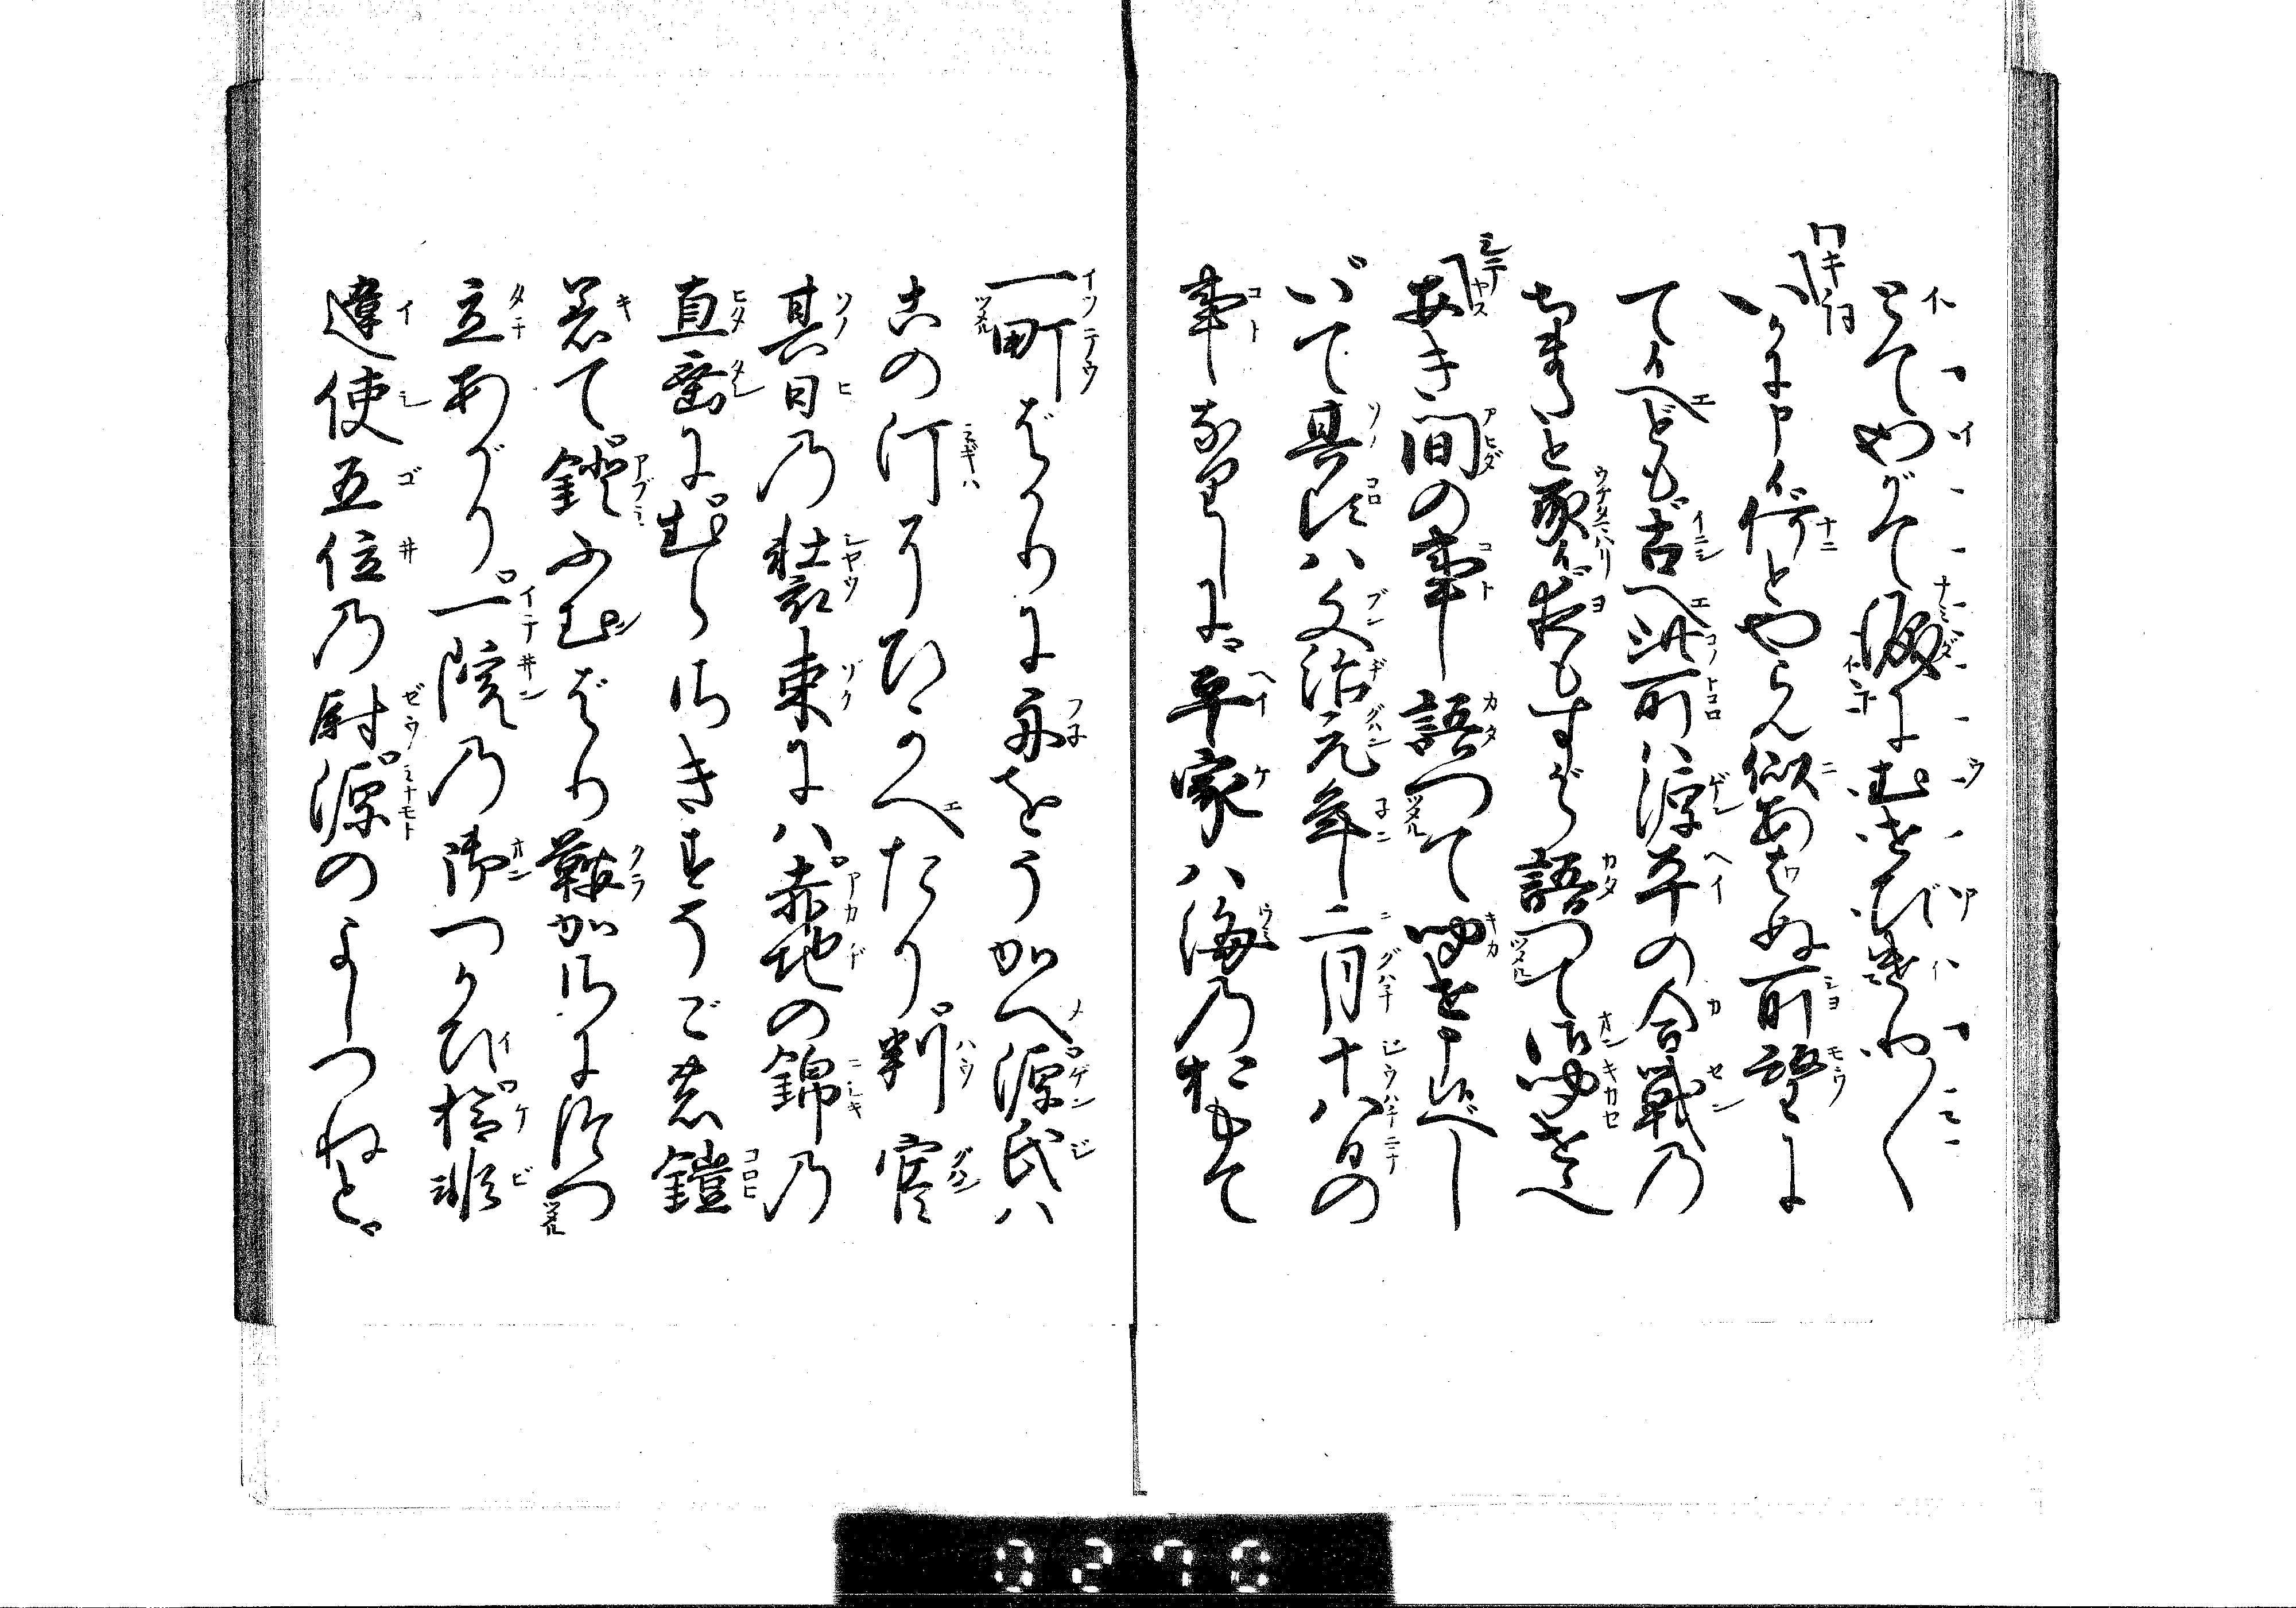 田村・八島・兼平・経政・清経 ...